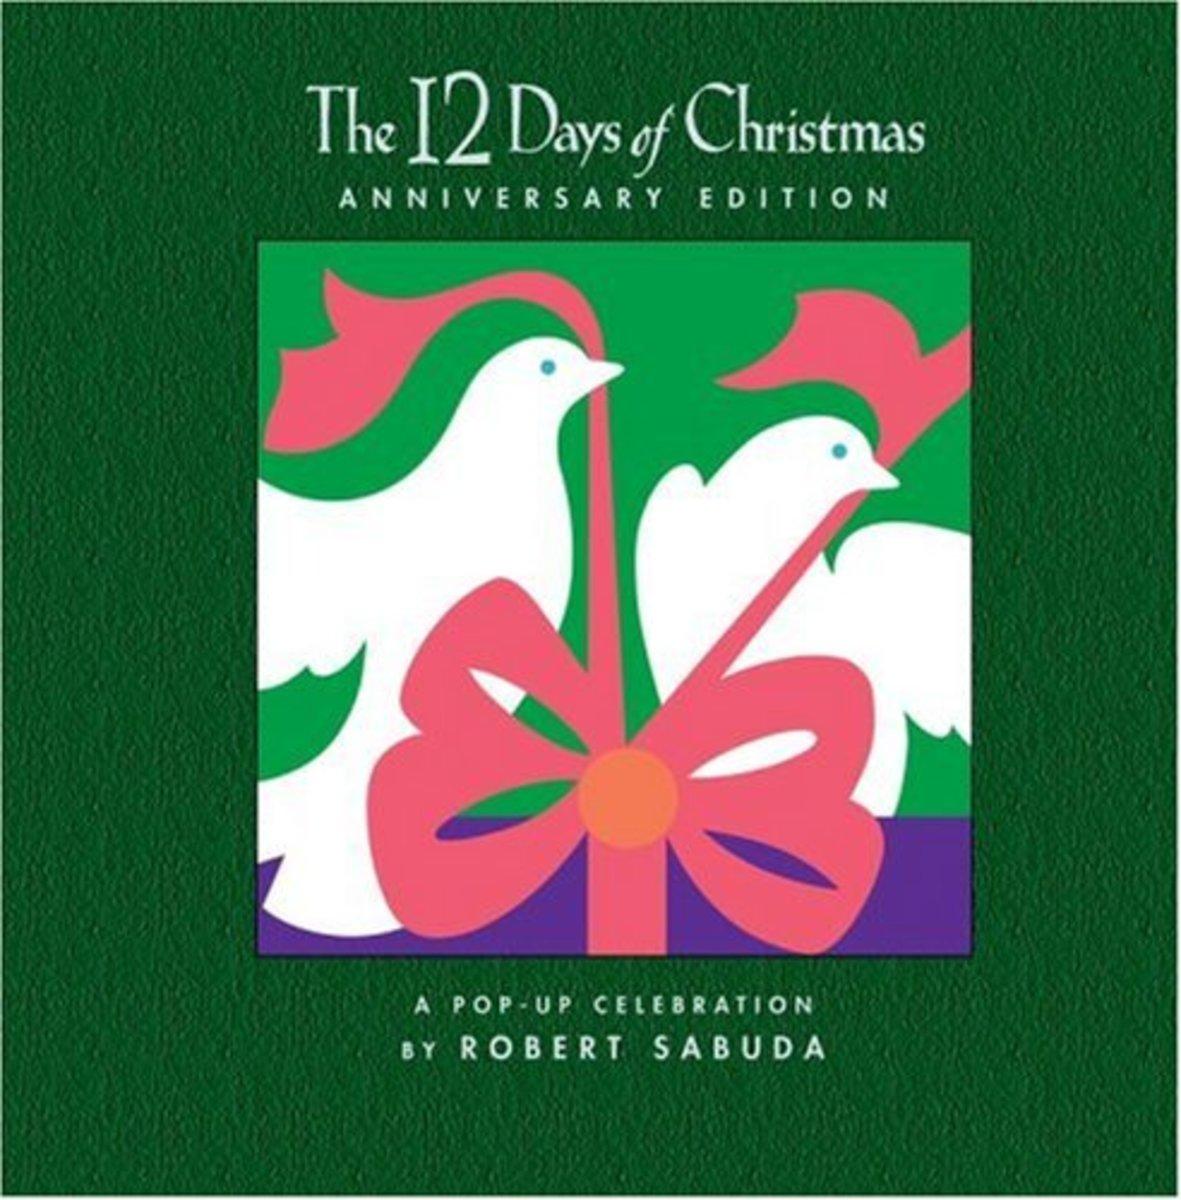 The 12 Days of Christmas by Robert Sabuda